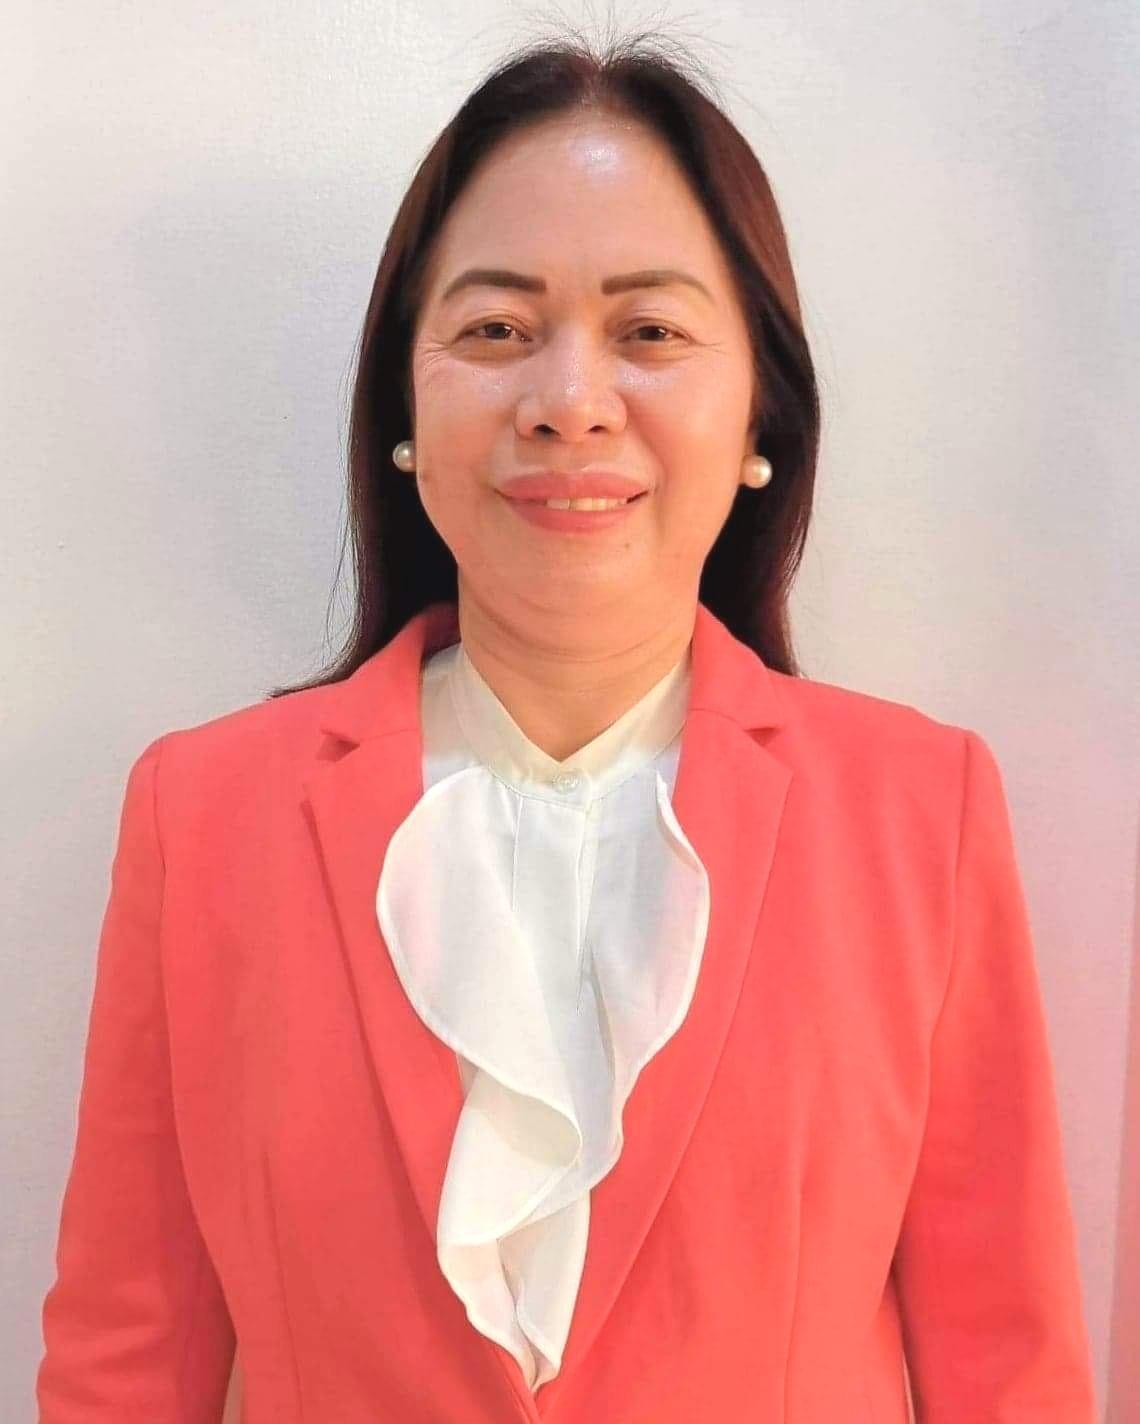 Evelyn R. Fetalvero, CESOIV